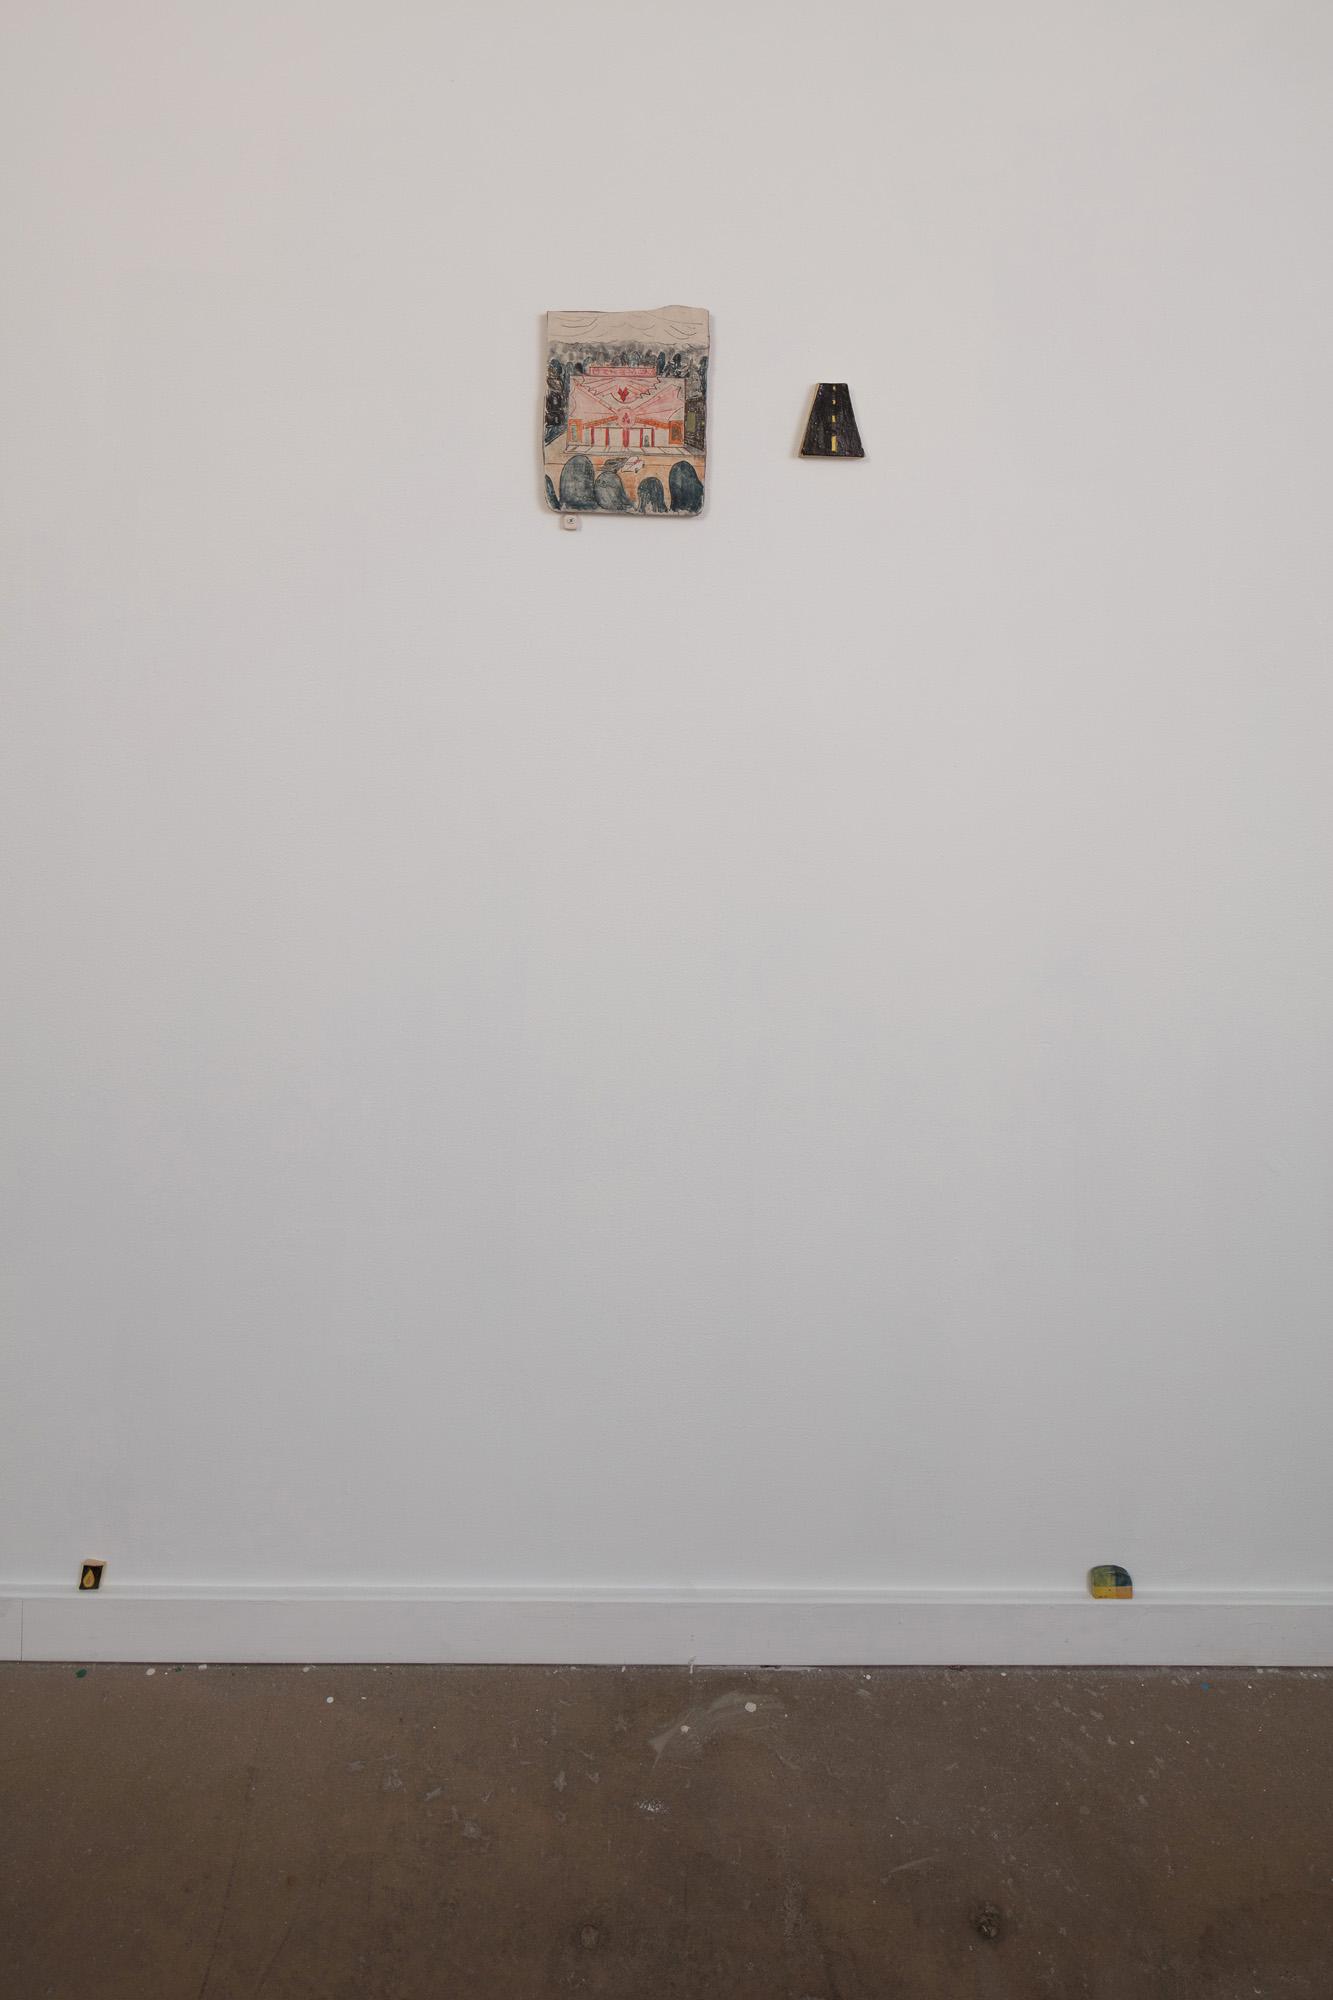 Kevin McNamee-Tweed